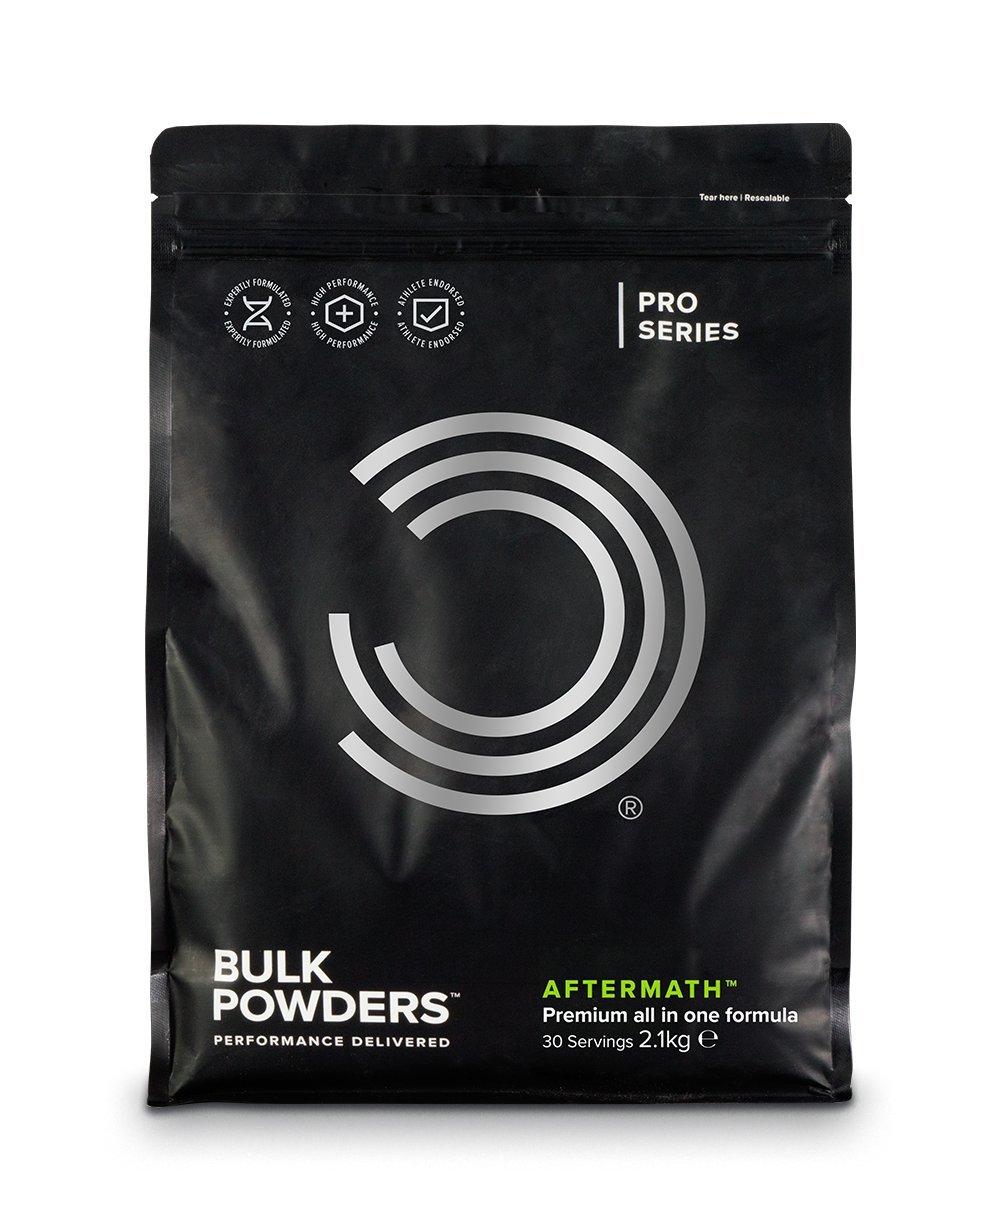 BULK POWDERS Post Workout Protein Shake, 2.1 kg: Amazon.de: Drogerie ...